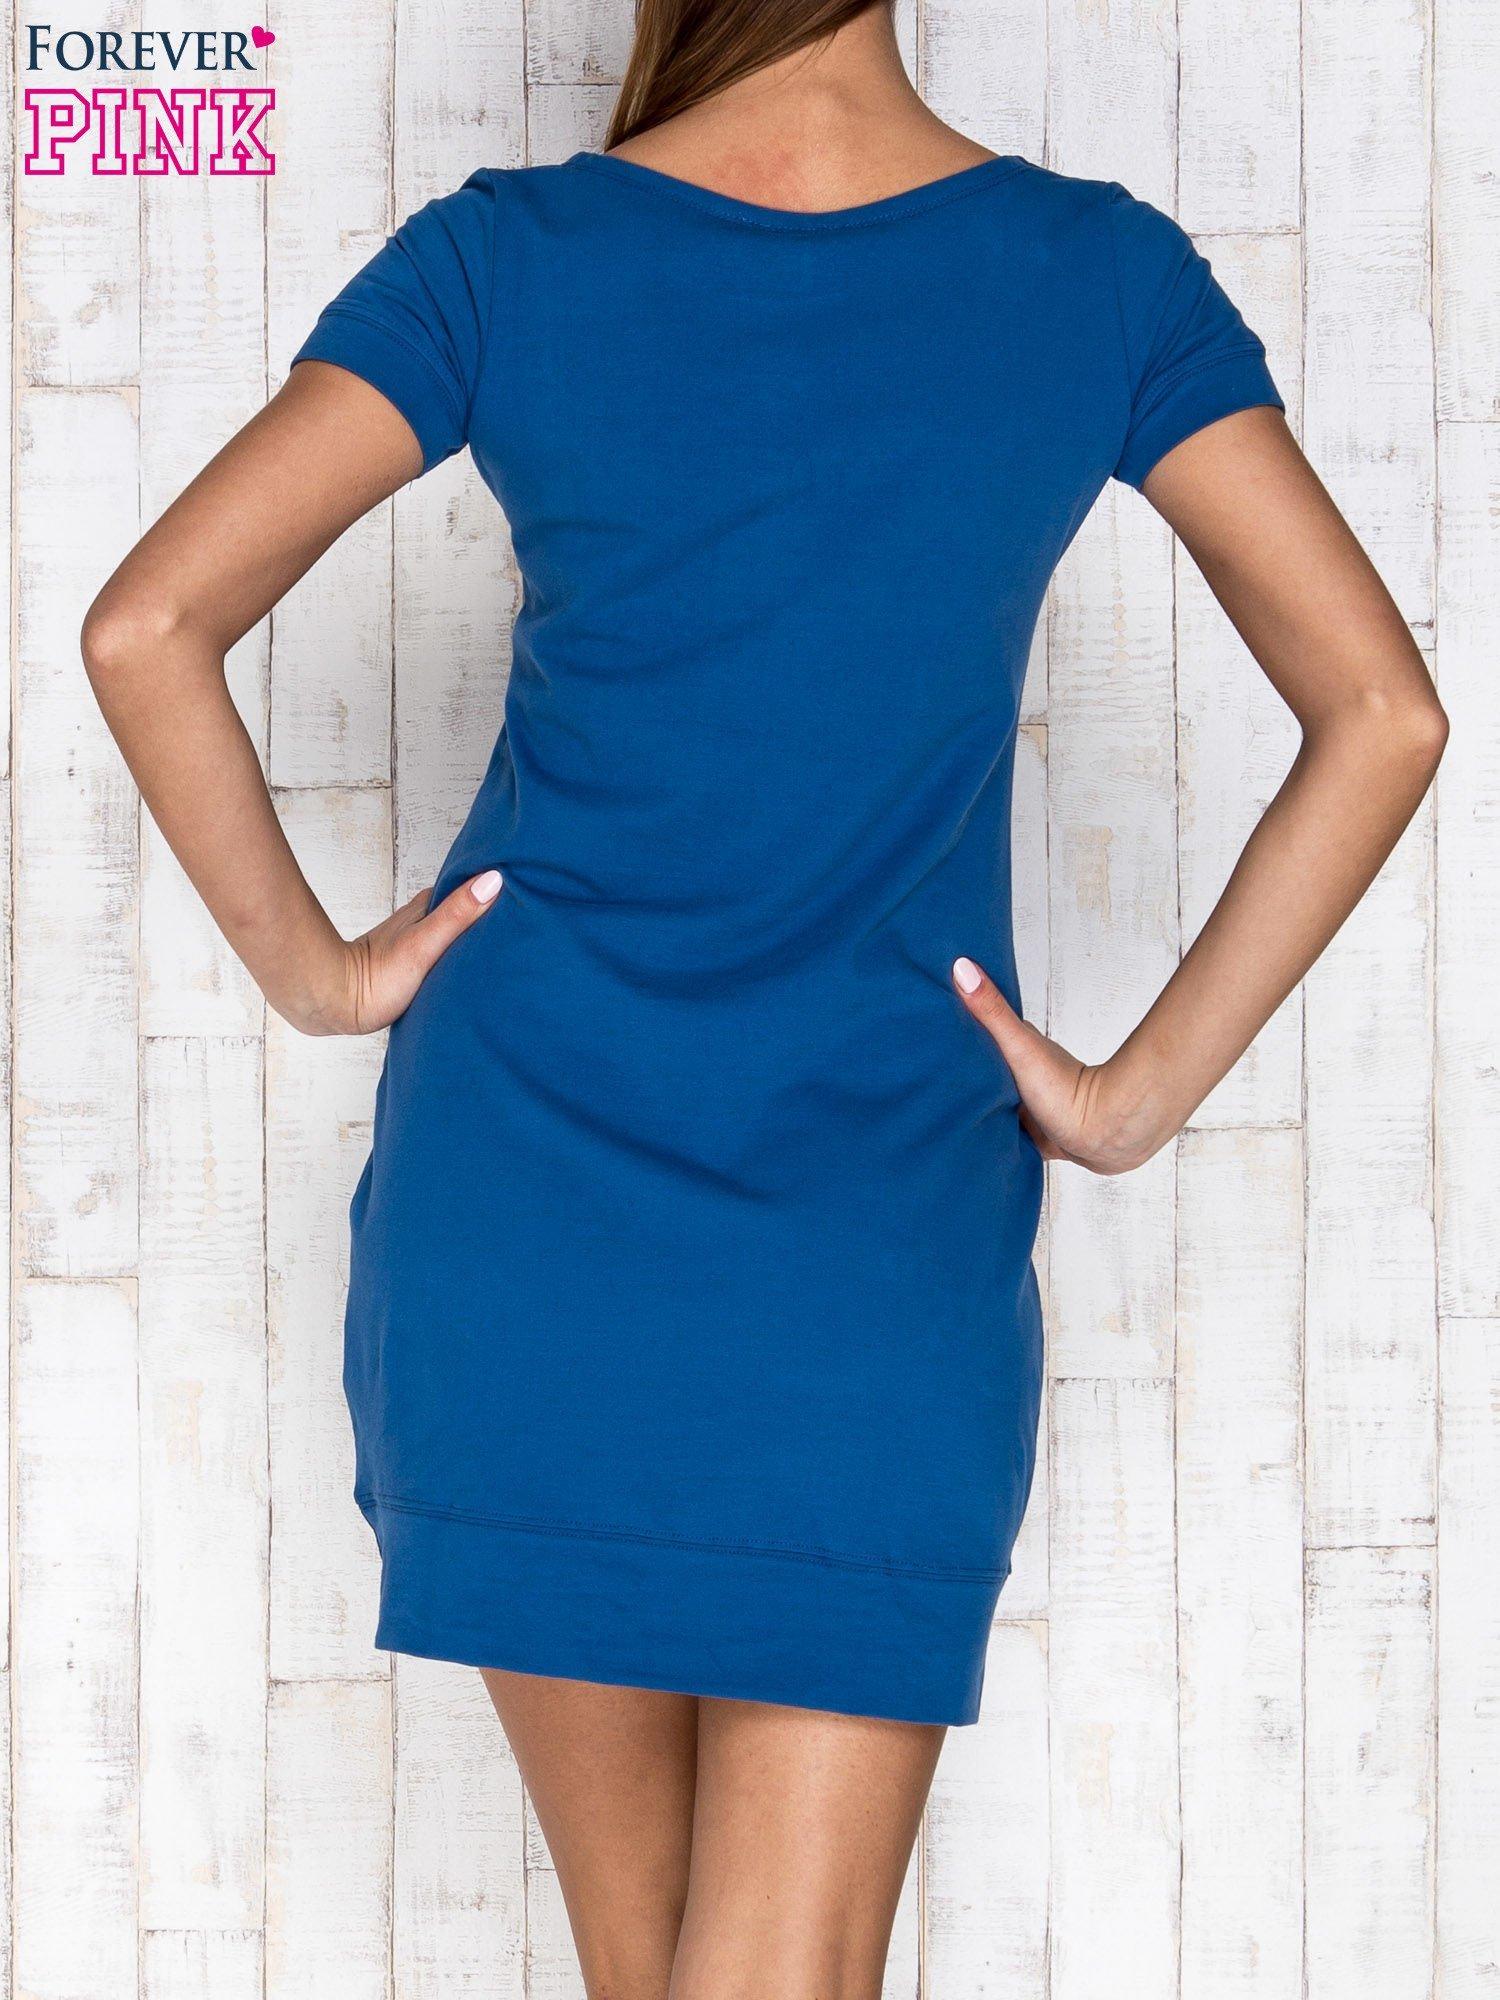 Niebieska gładka sukienka ze ściągaczem na dole                                  zdj.                                  4